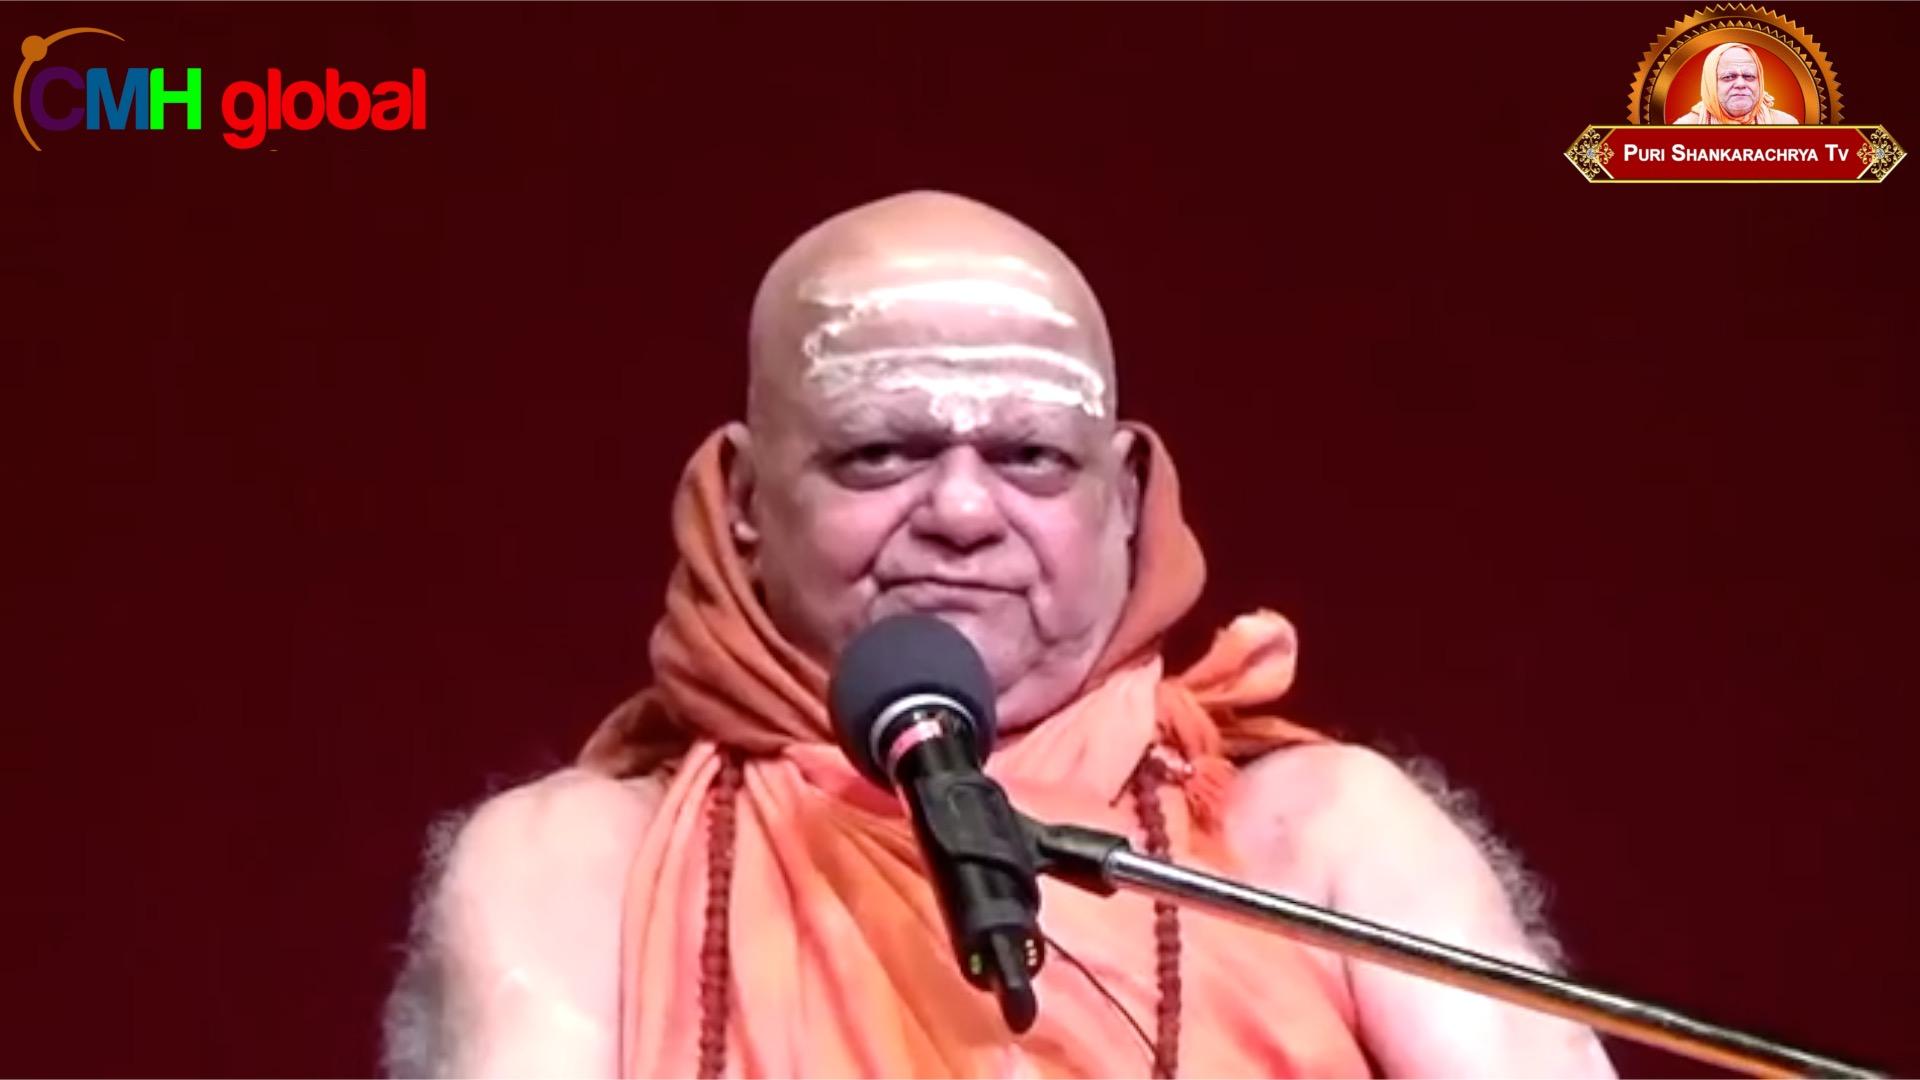 Gyan Dhara Ep -31 by Puri Shankaracharya Swami Nishchalananda Saraswati Ji